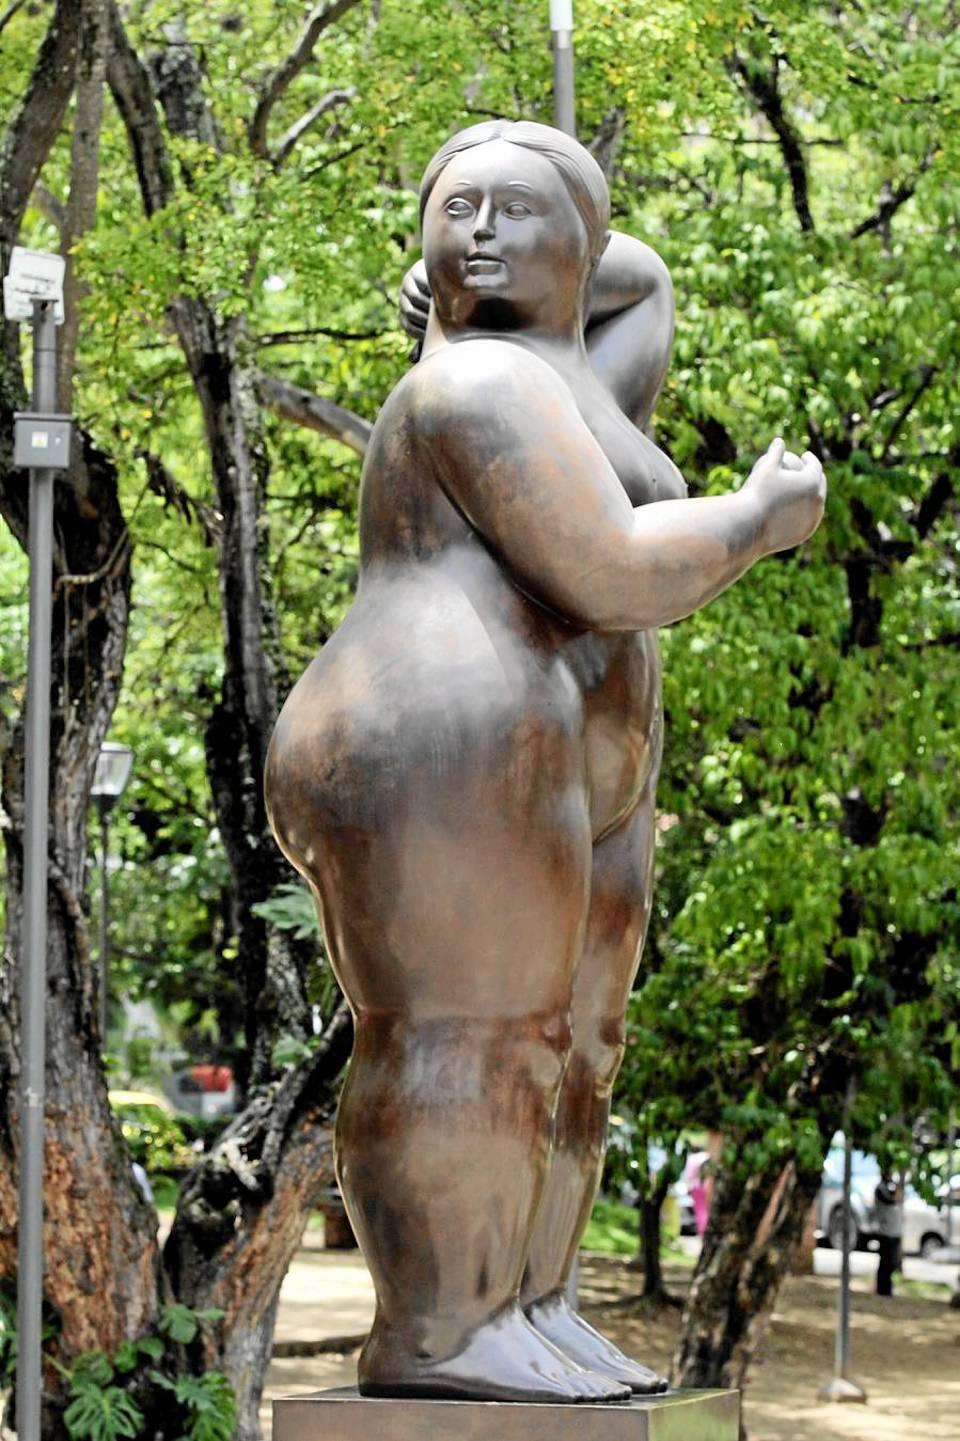 El deterioro en la superficie de la escultura se generaliza en la parte derecha de la figura de la 'gorda'.